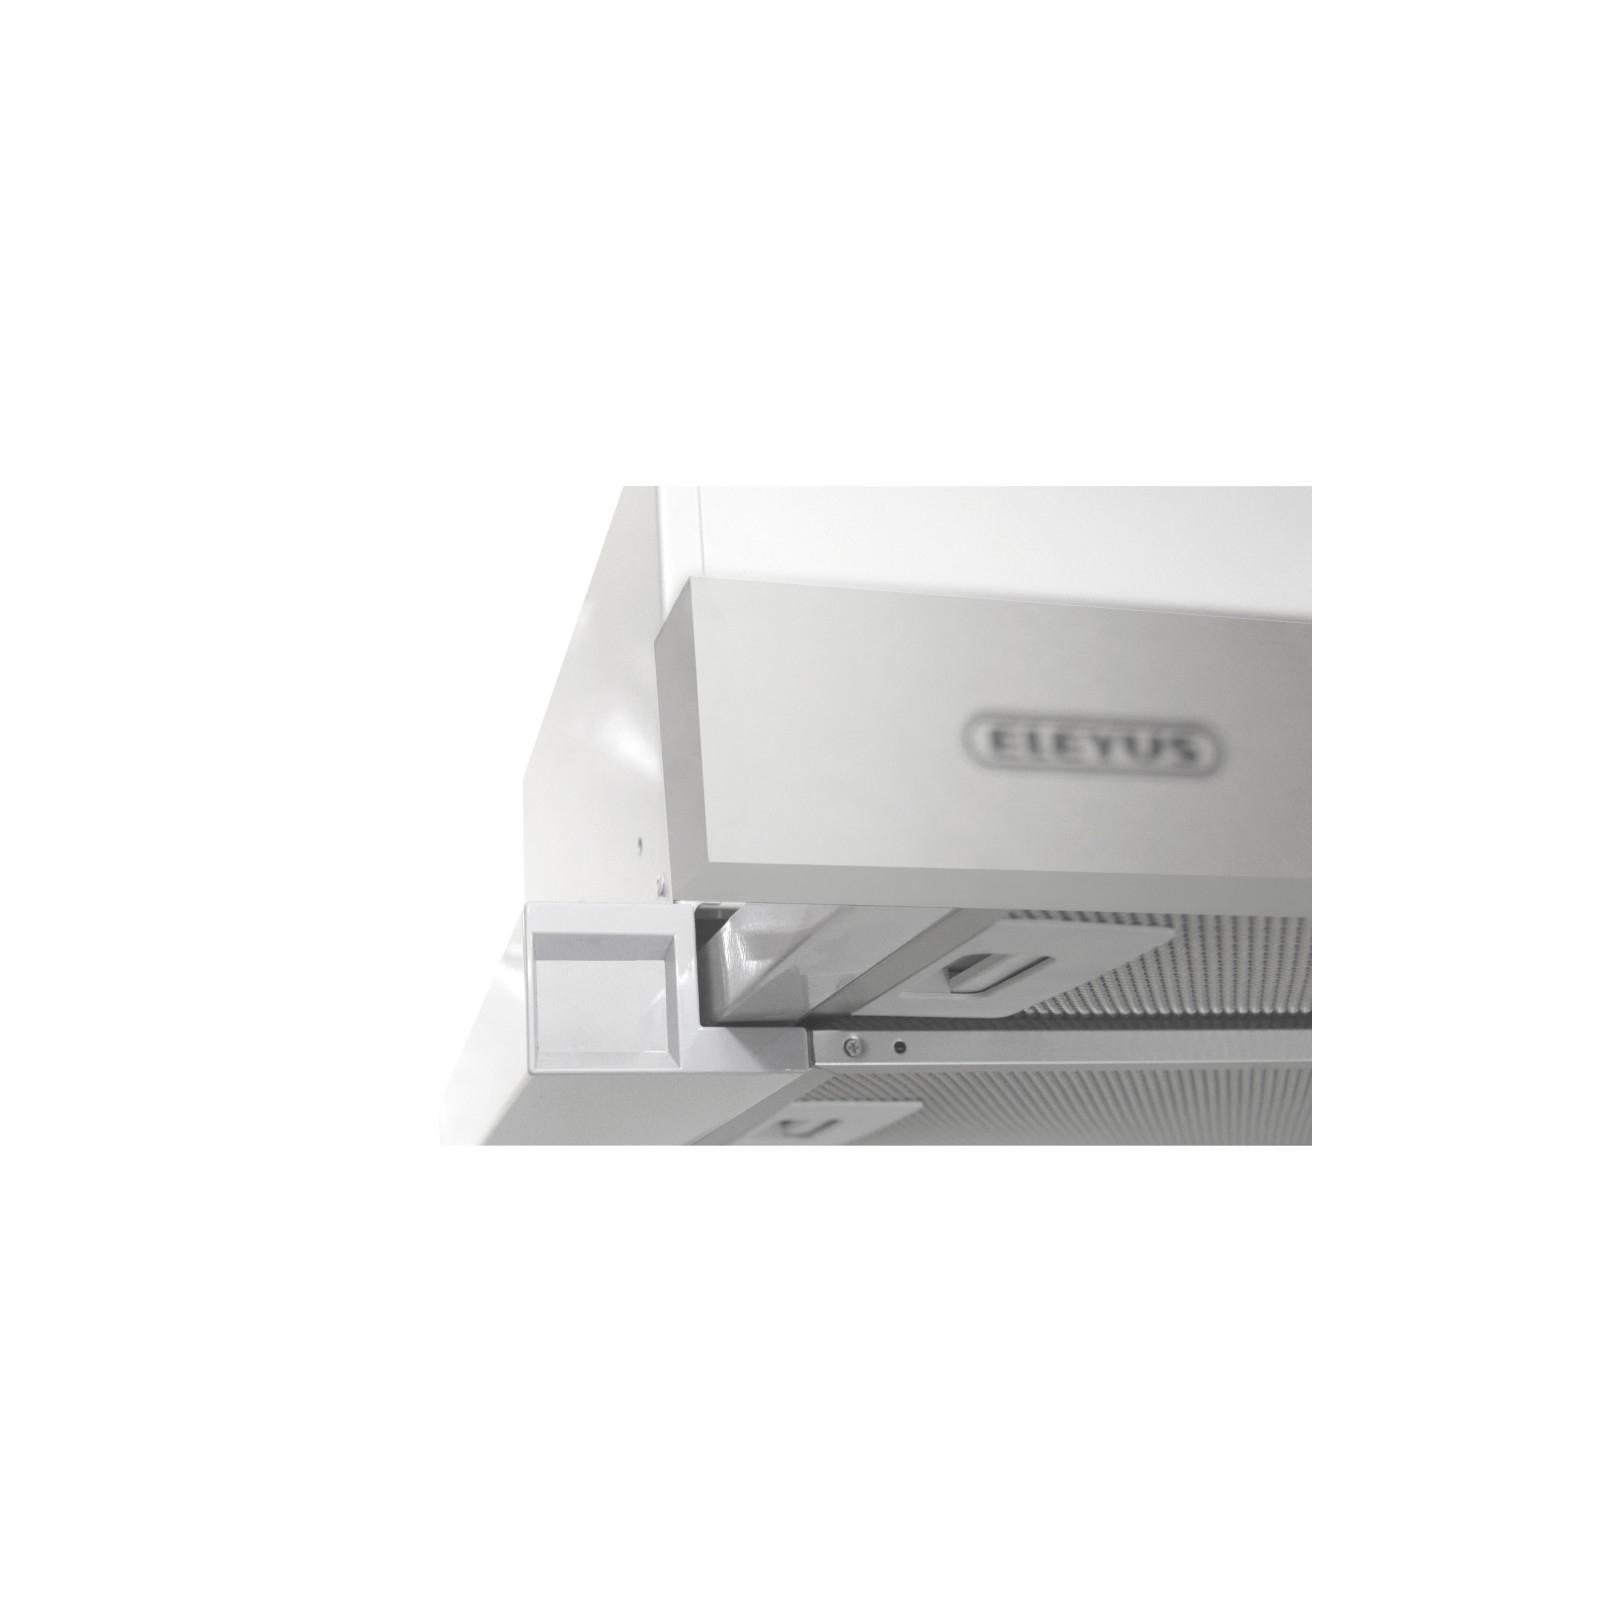 Вытяжка кухонная Eleyus Cyclon 700 50 IS+GR изображение 9